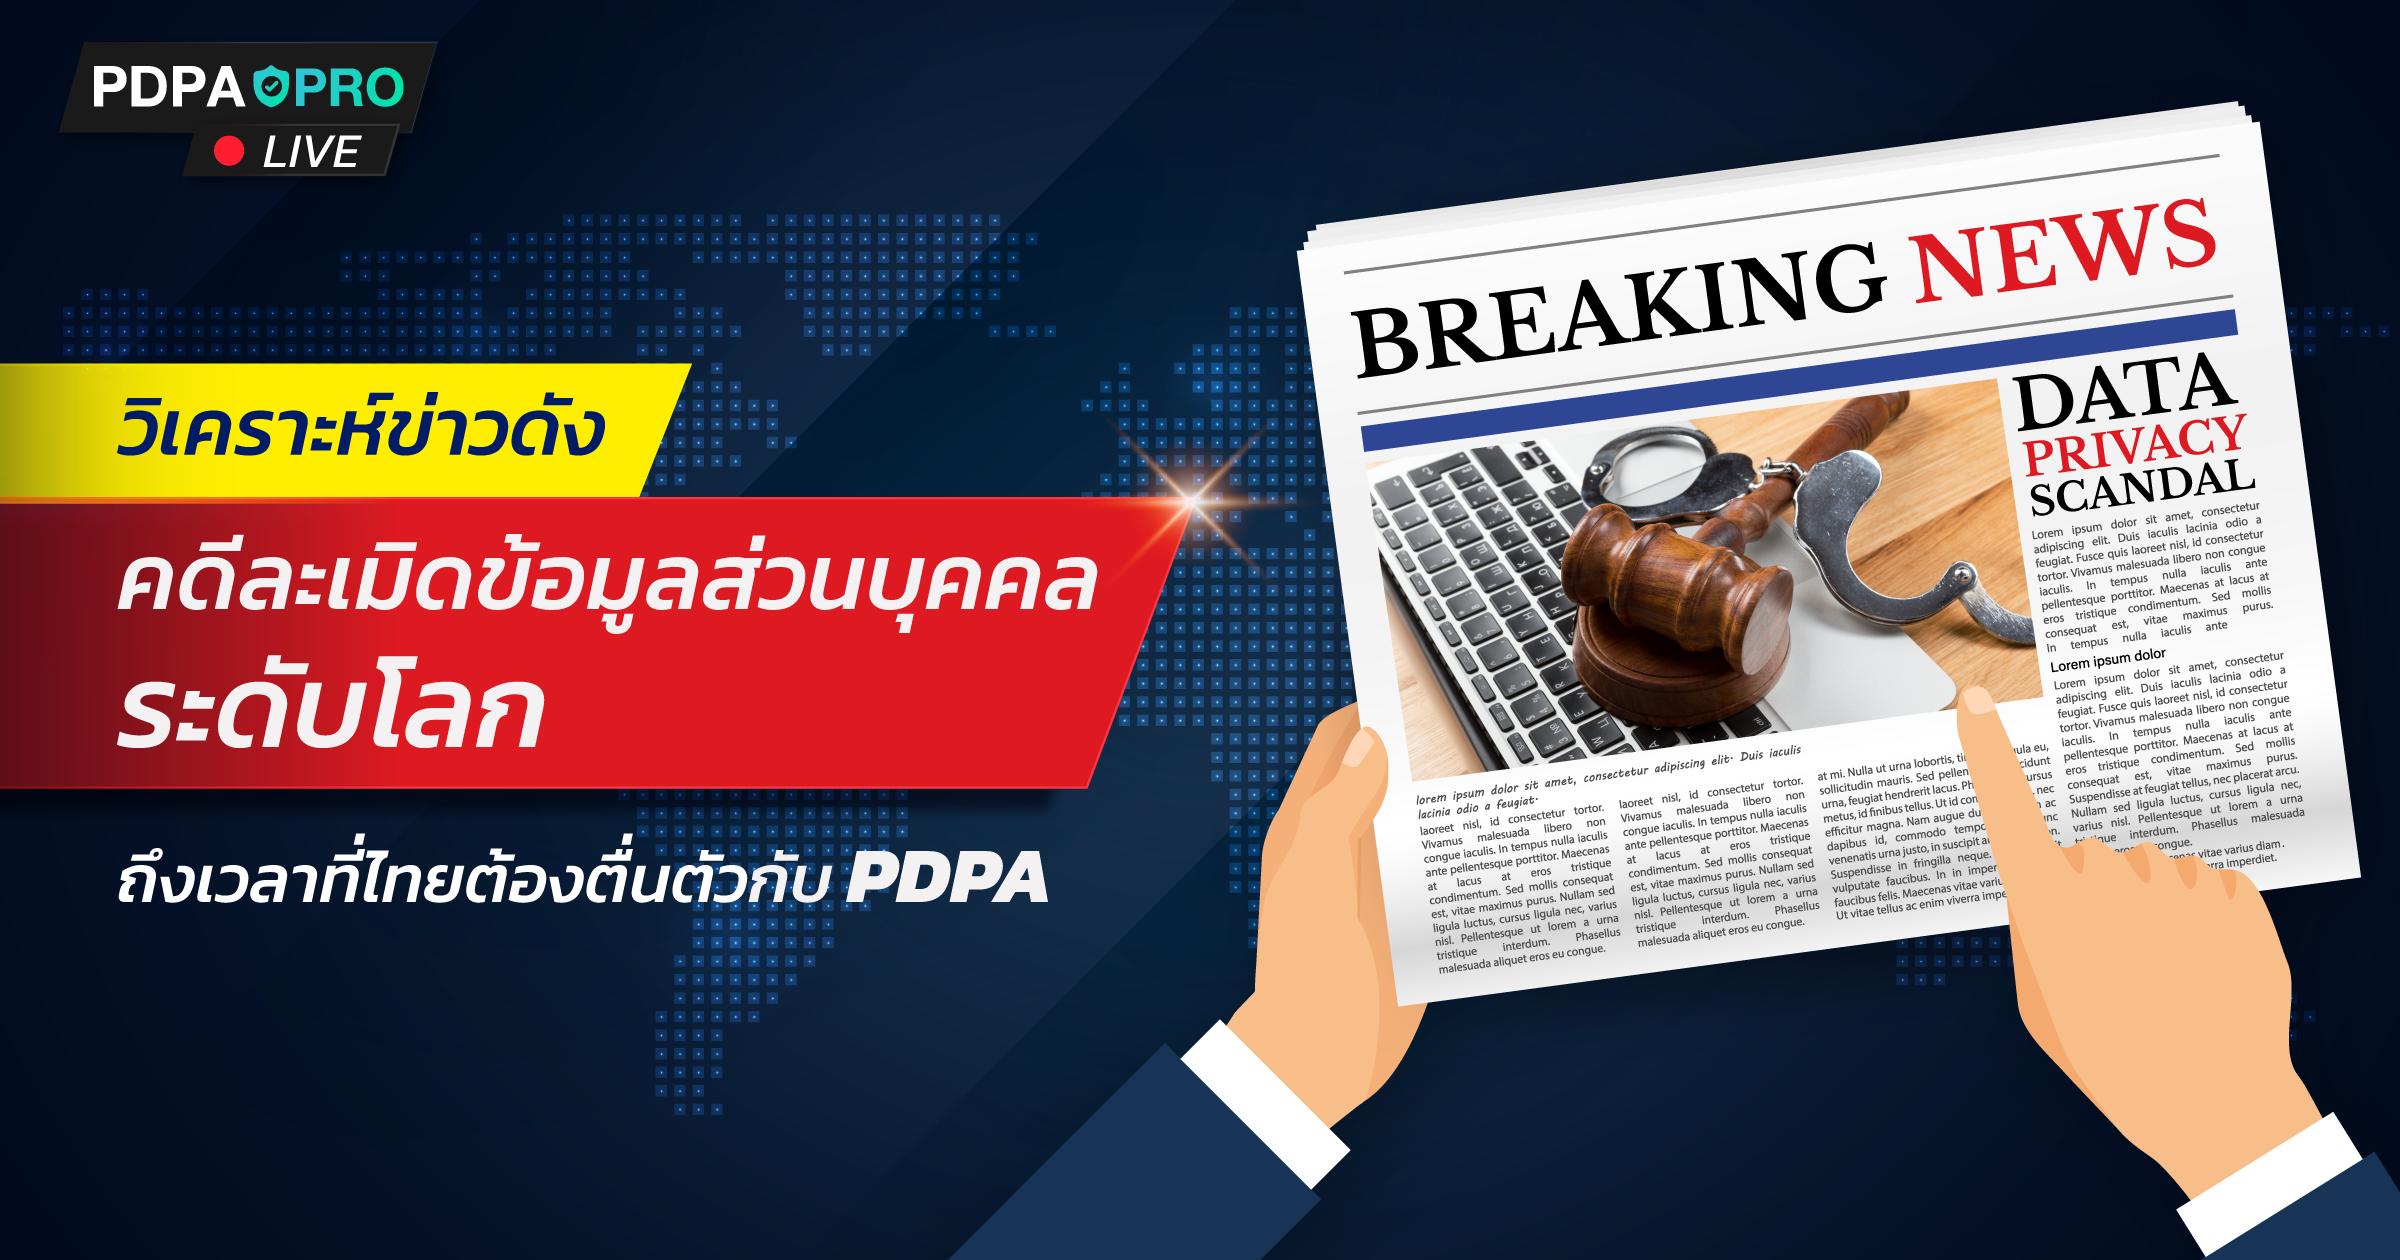 ถึงเวลาที่ไทยต้องตื่นตัวกับ PDPA  วิเคราะห์คดีดังละเมิดข้อมูลส่วนบุคคลระดับโลก